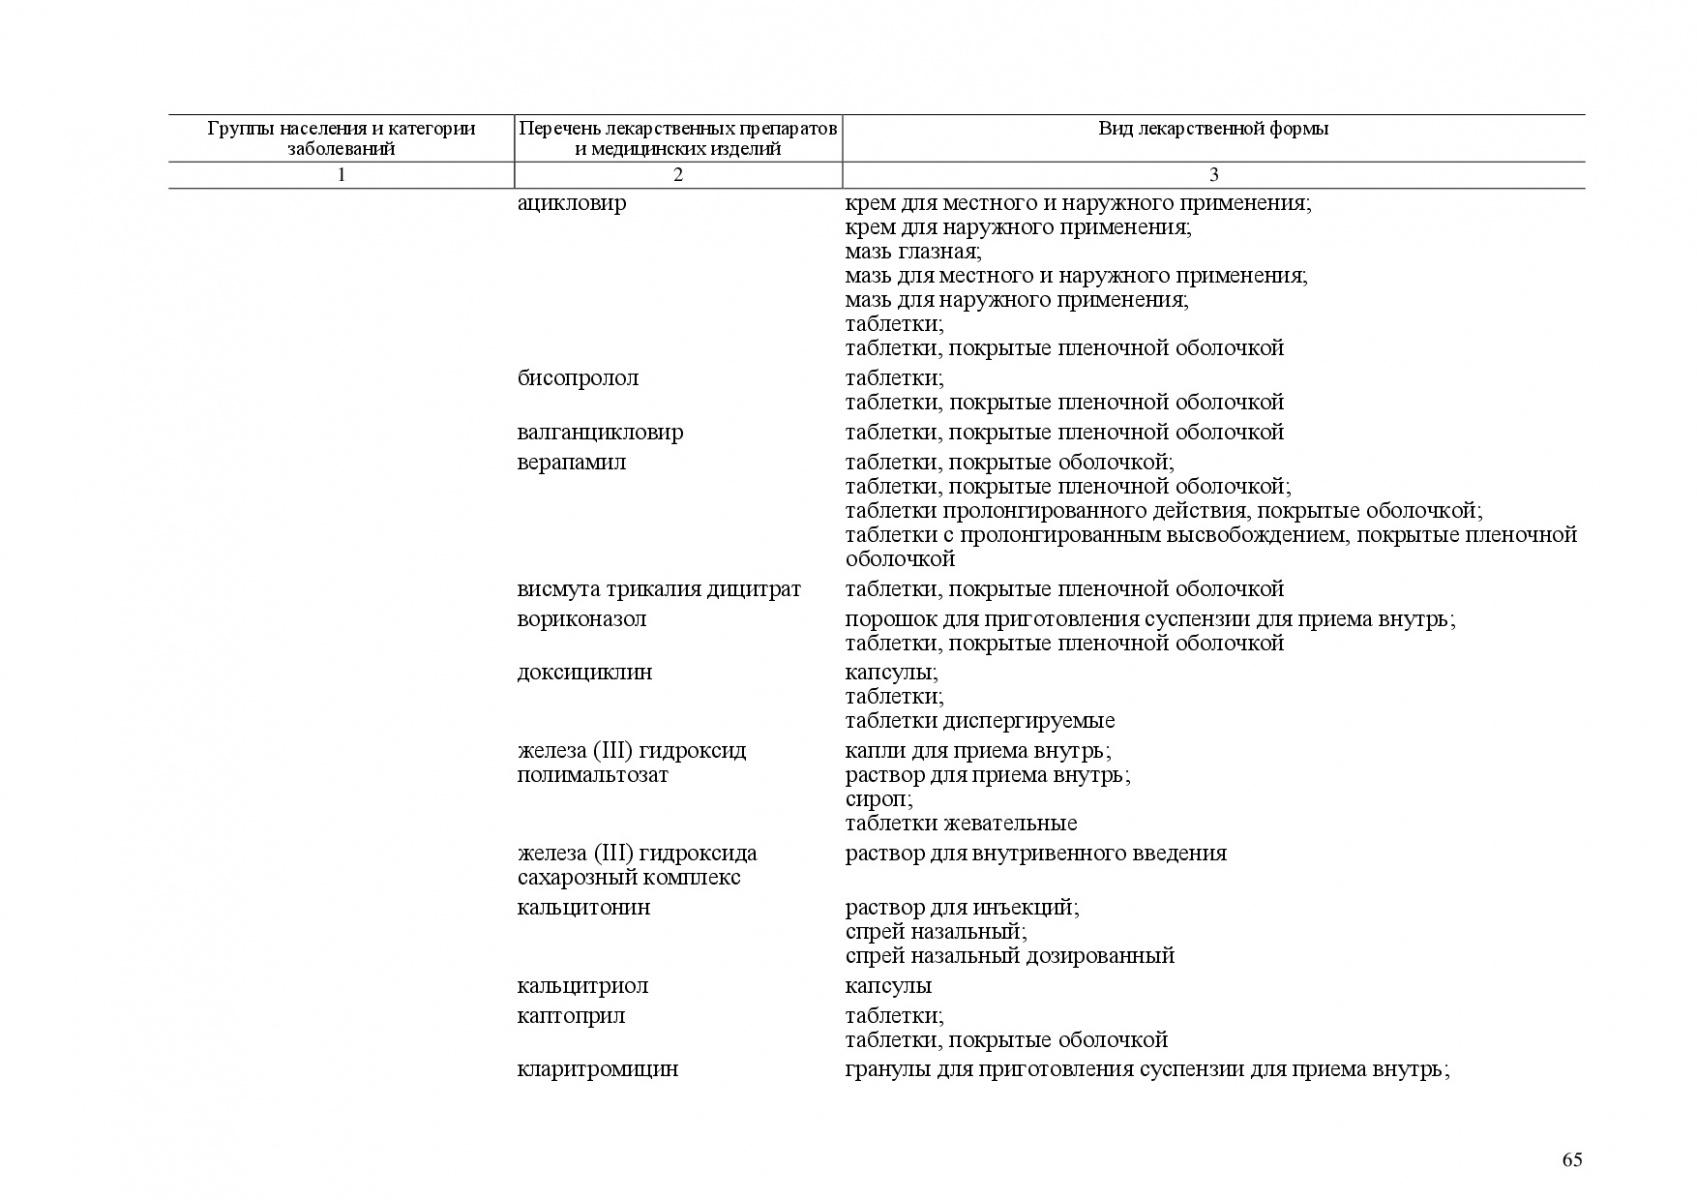 Prilozhenie-6-127-OD-065